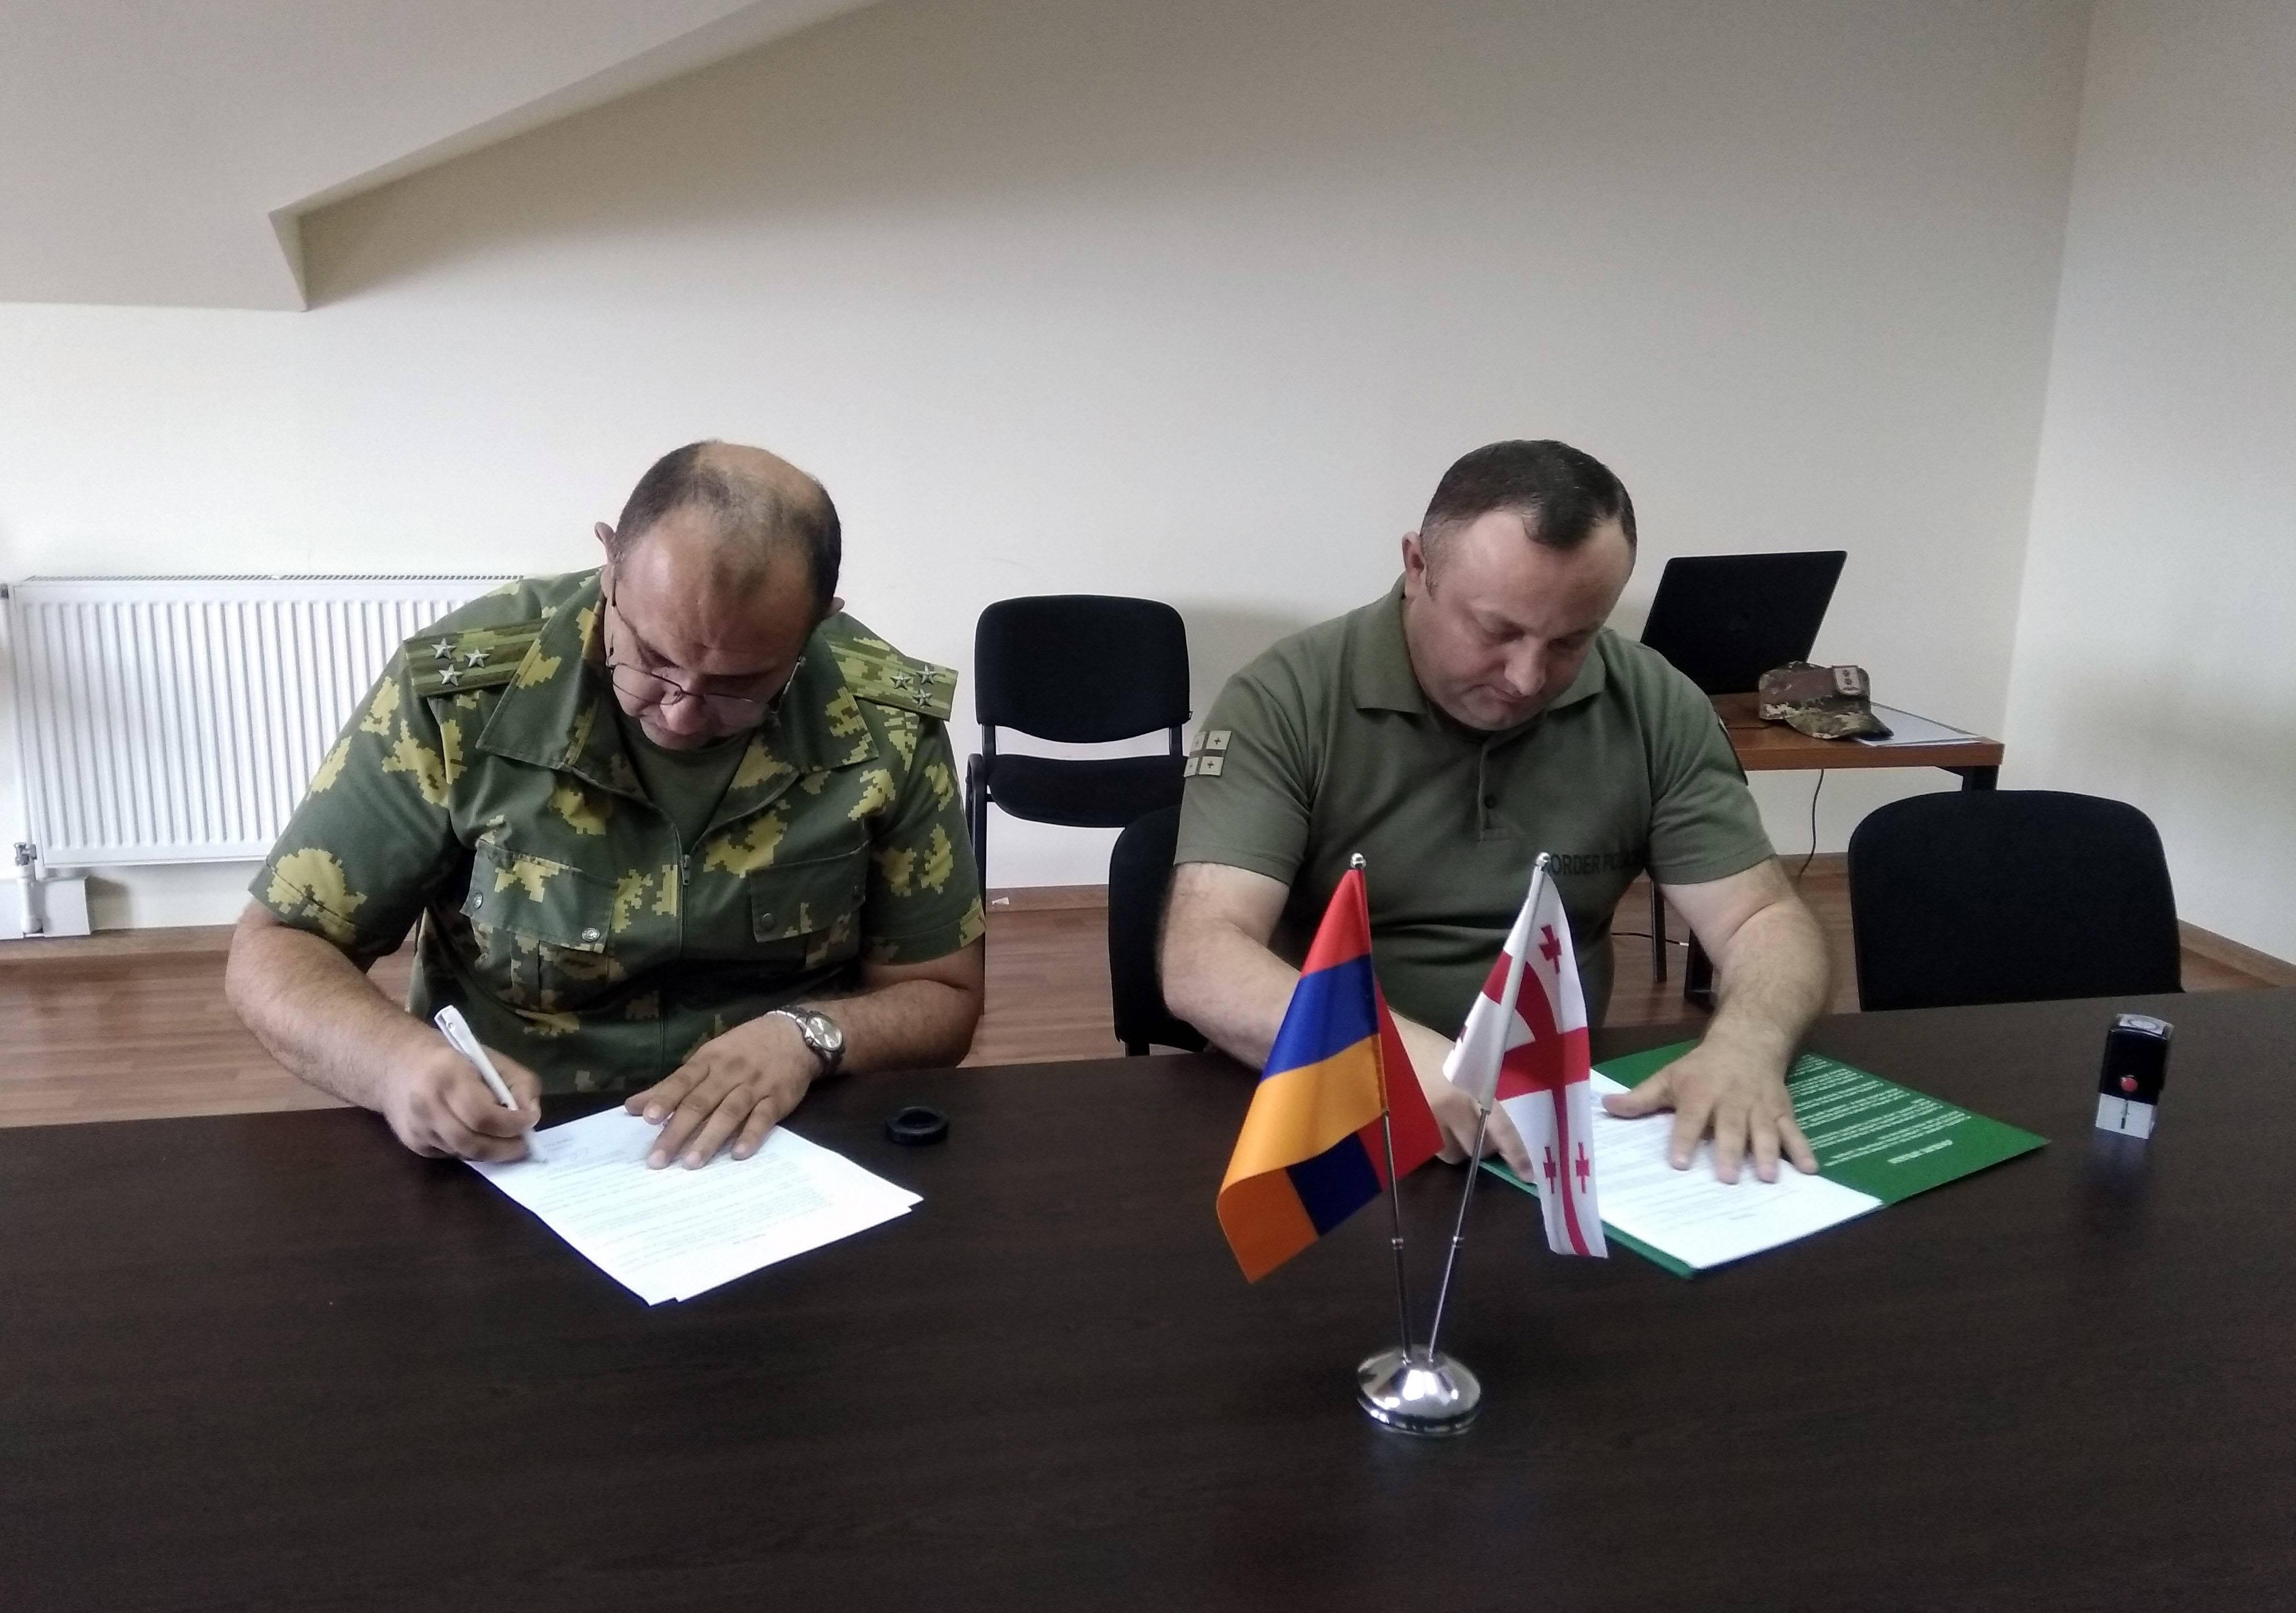 Տեղի է ունեցել Հայաստանի և Վրաստանի սահմանապահների ներկայացուցիչների հանդիպում